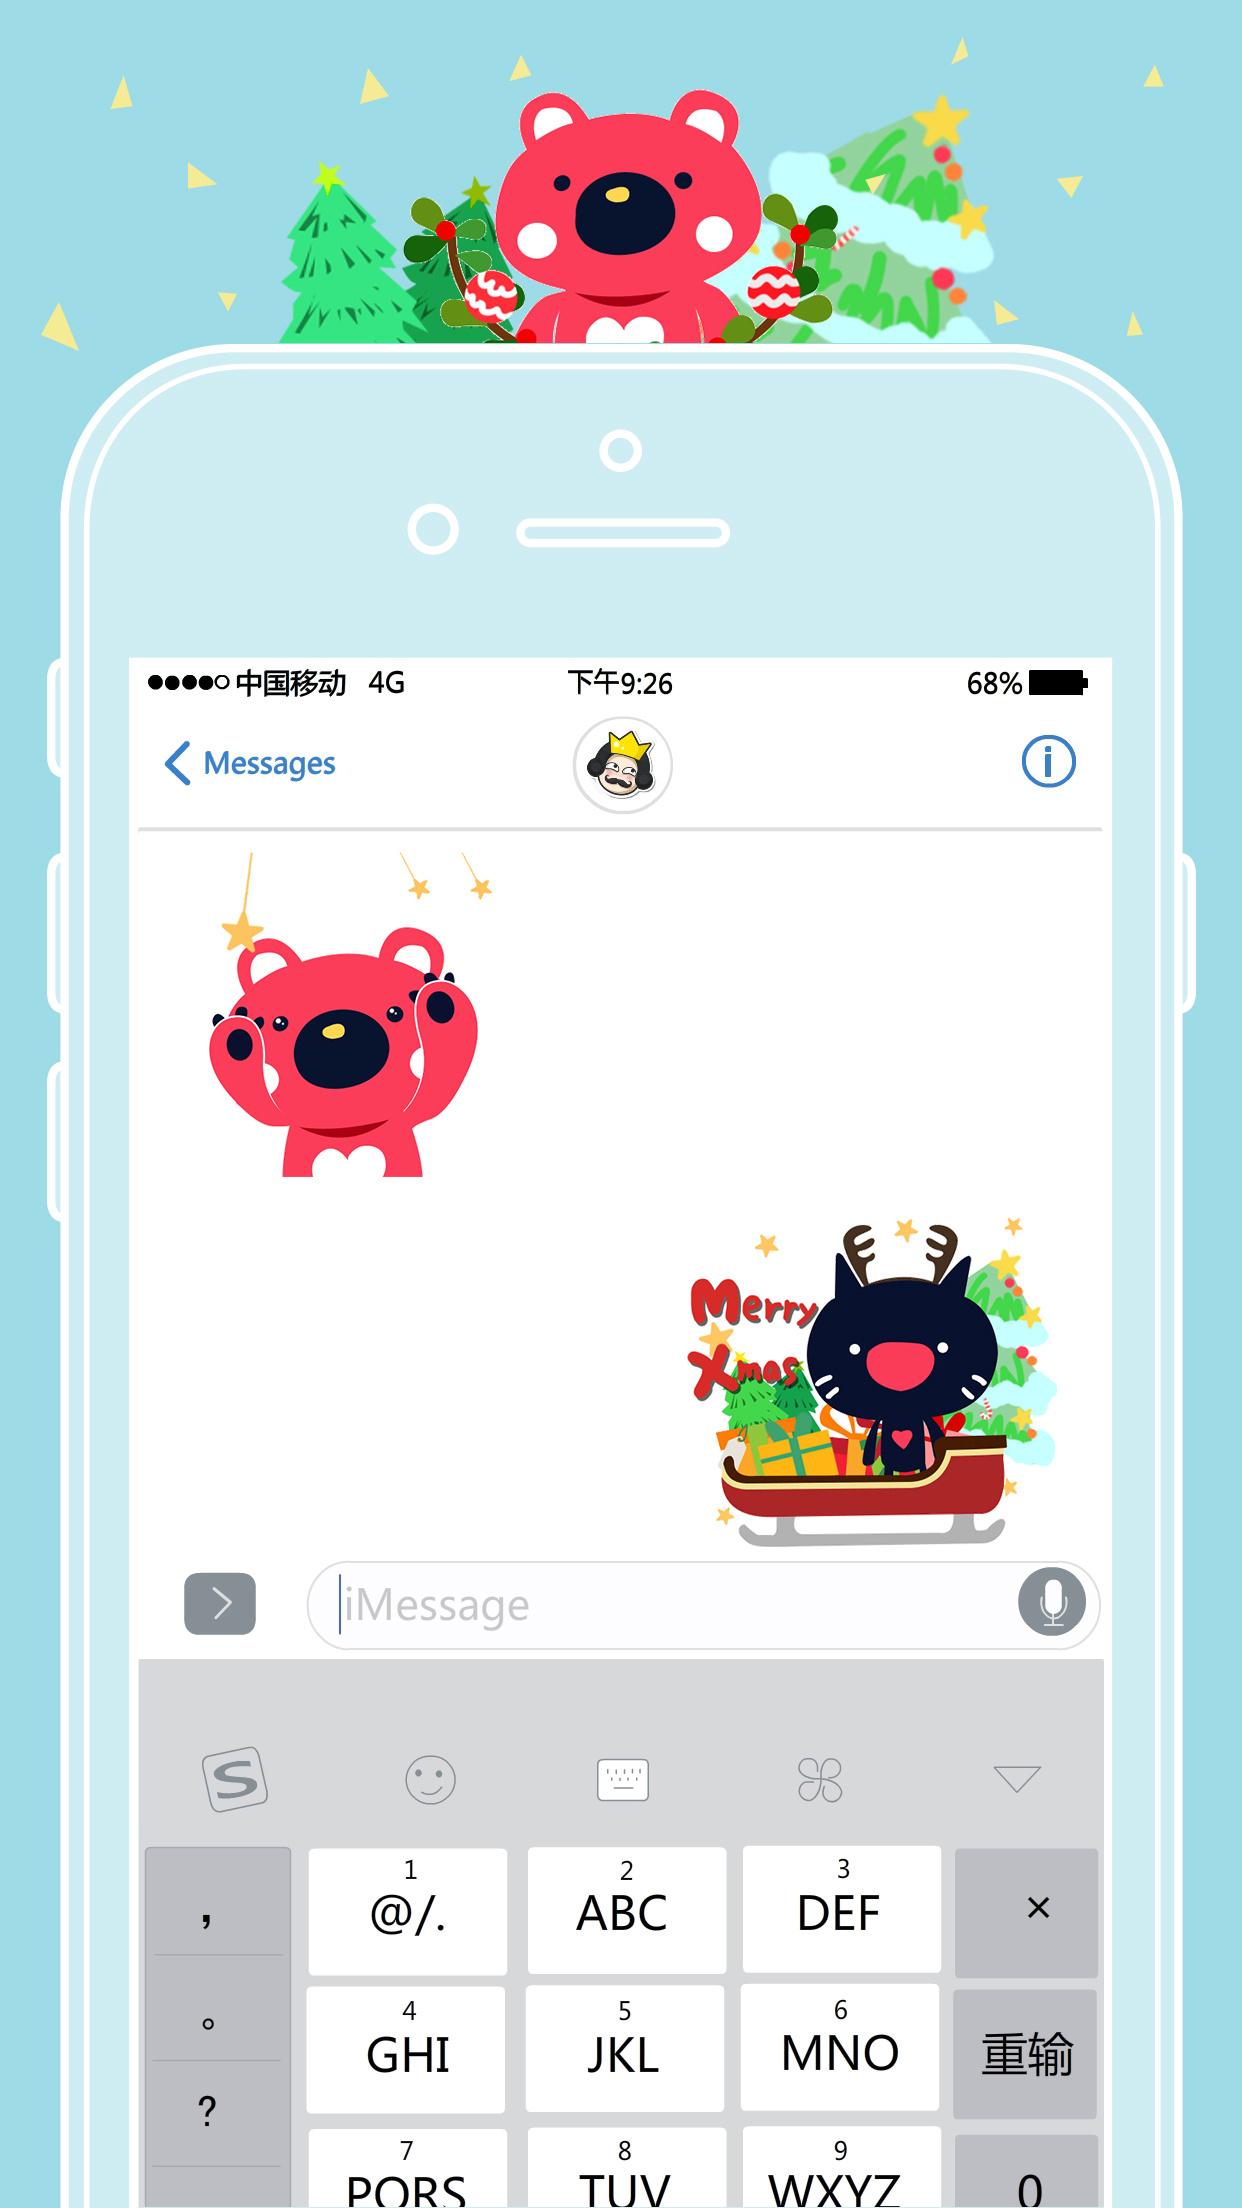 爱心熊表情|网络|动漫表情|Hana0099-原创作把朋友送给如何表情包图片